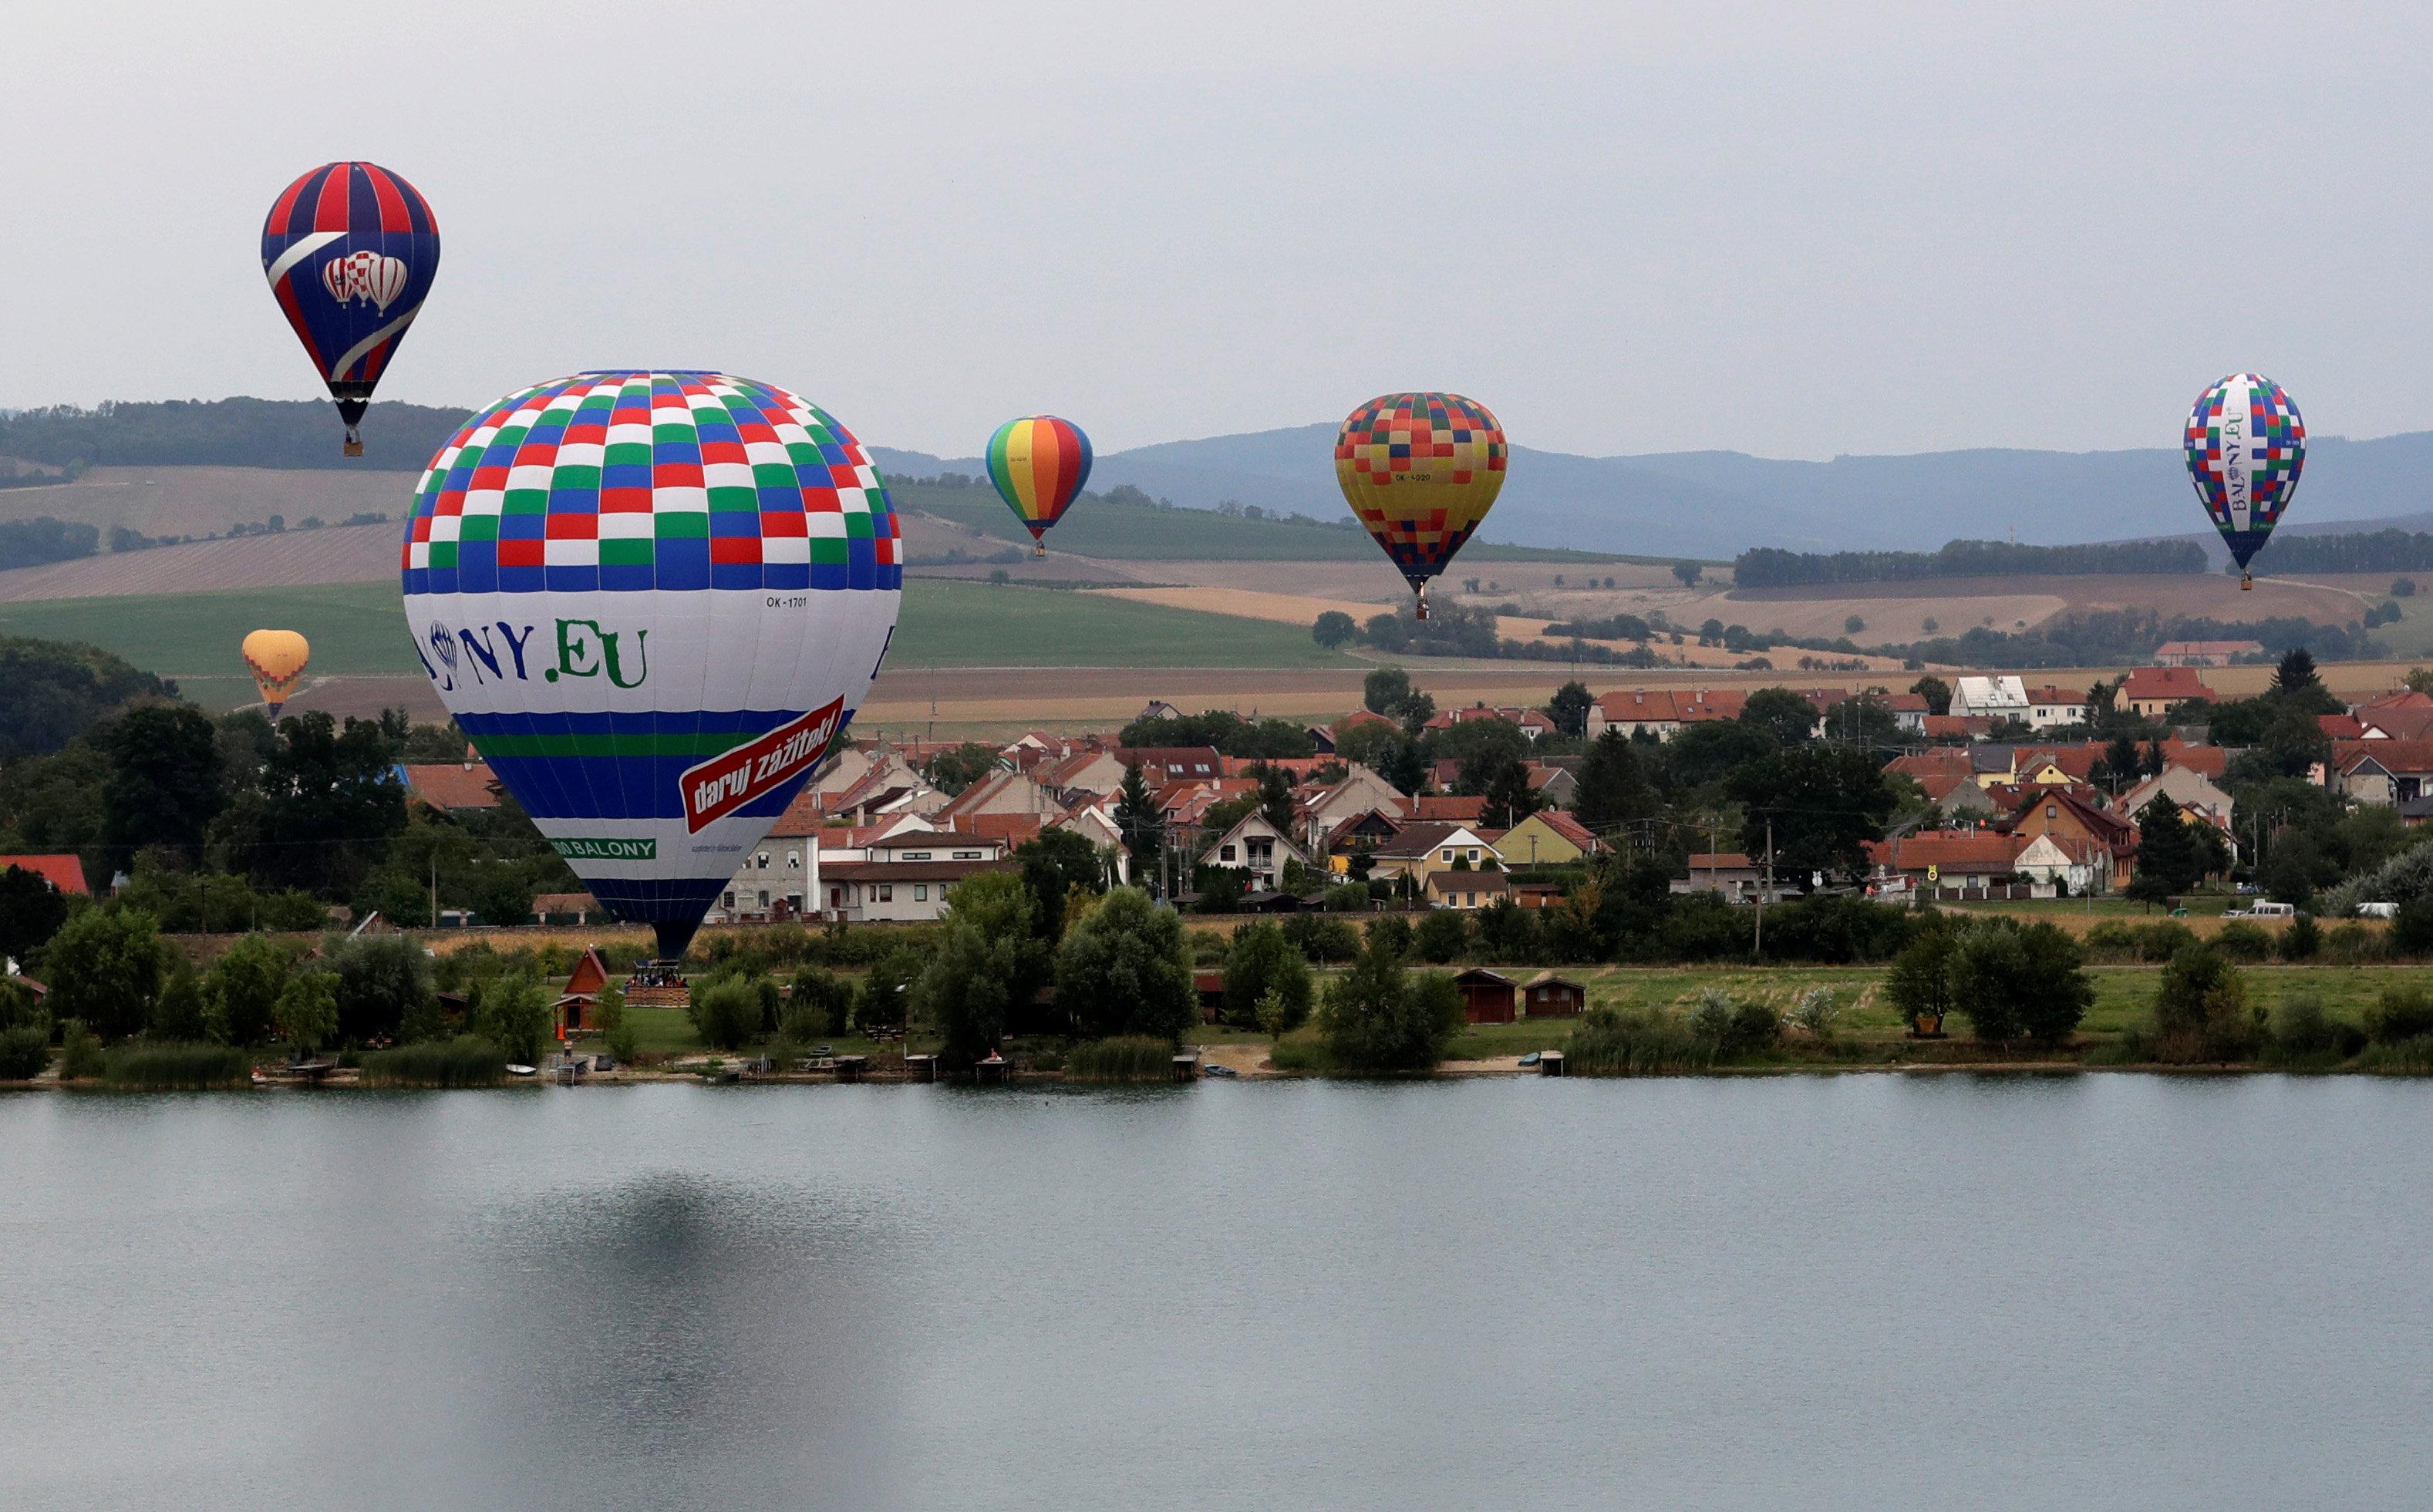 بالونات طائرة فى سماء التشيك